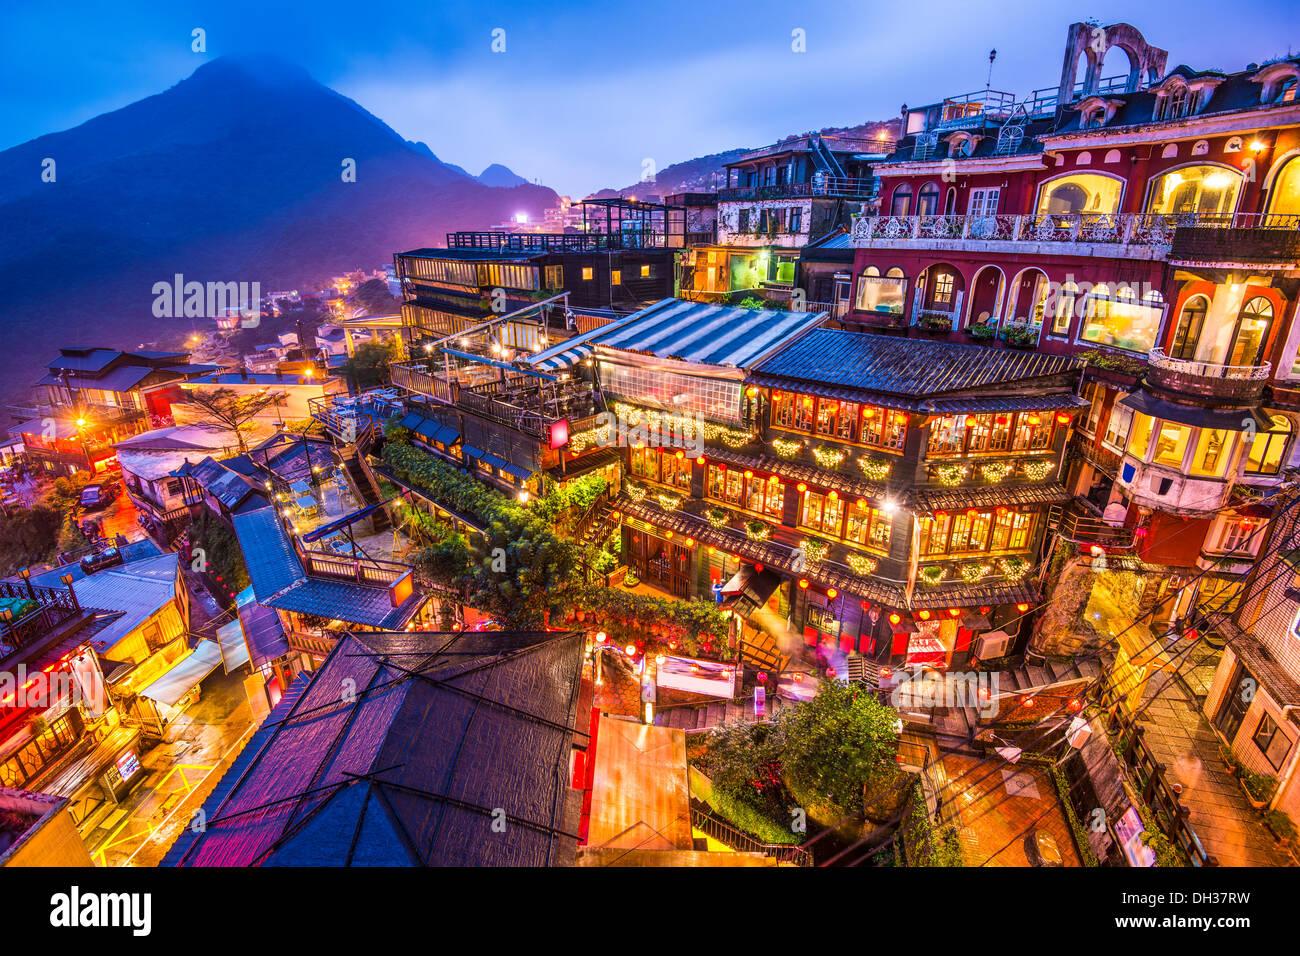 Salons à flanc de Jiufen, Taiwan. Photo Stock